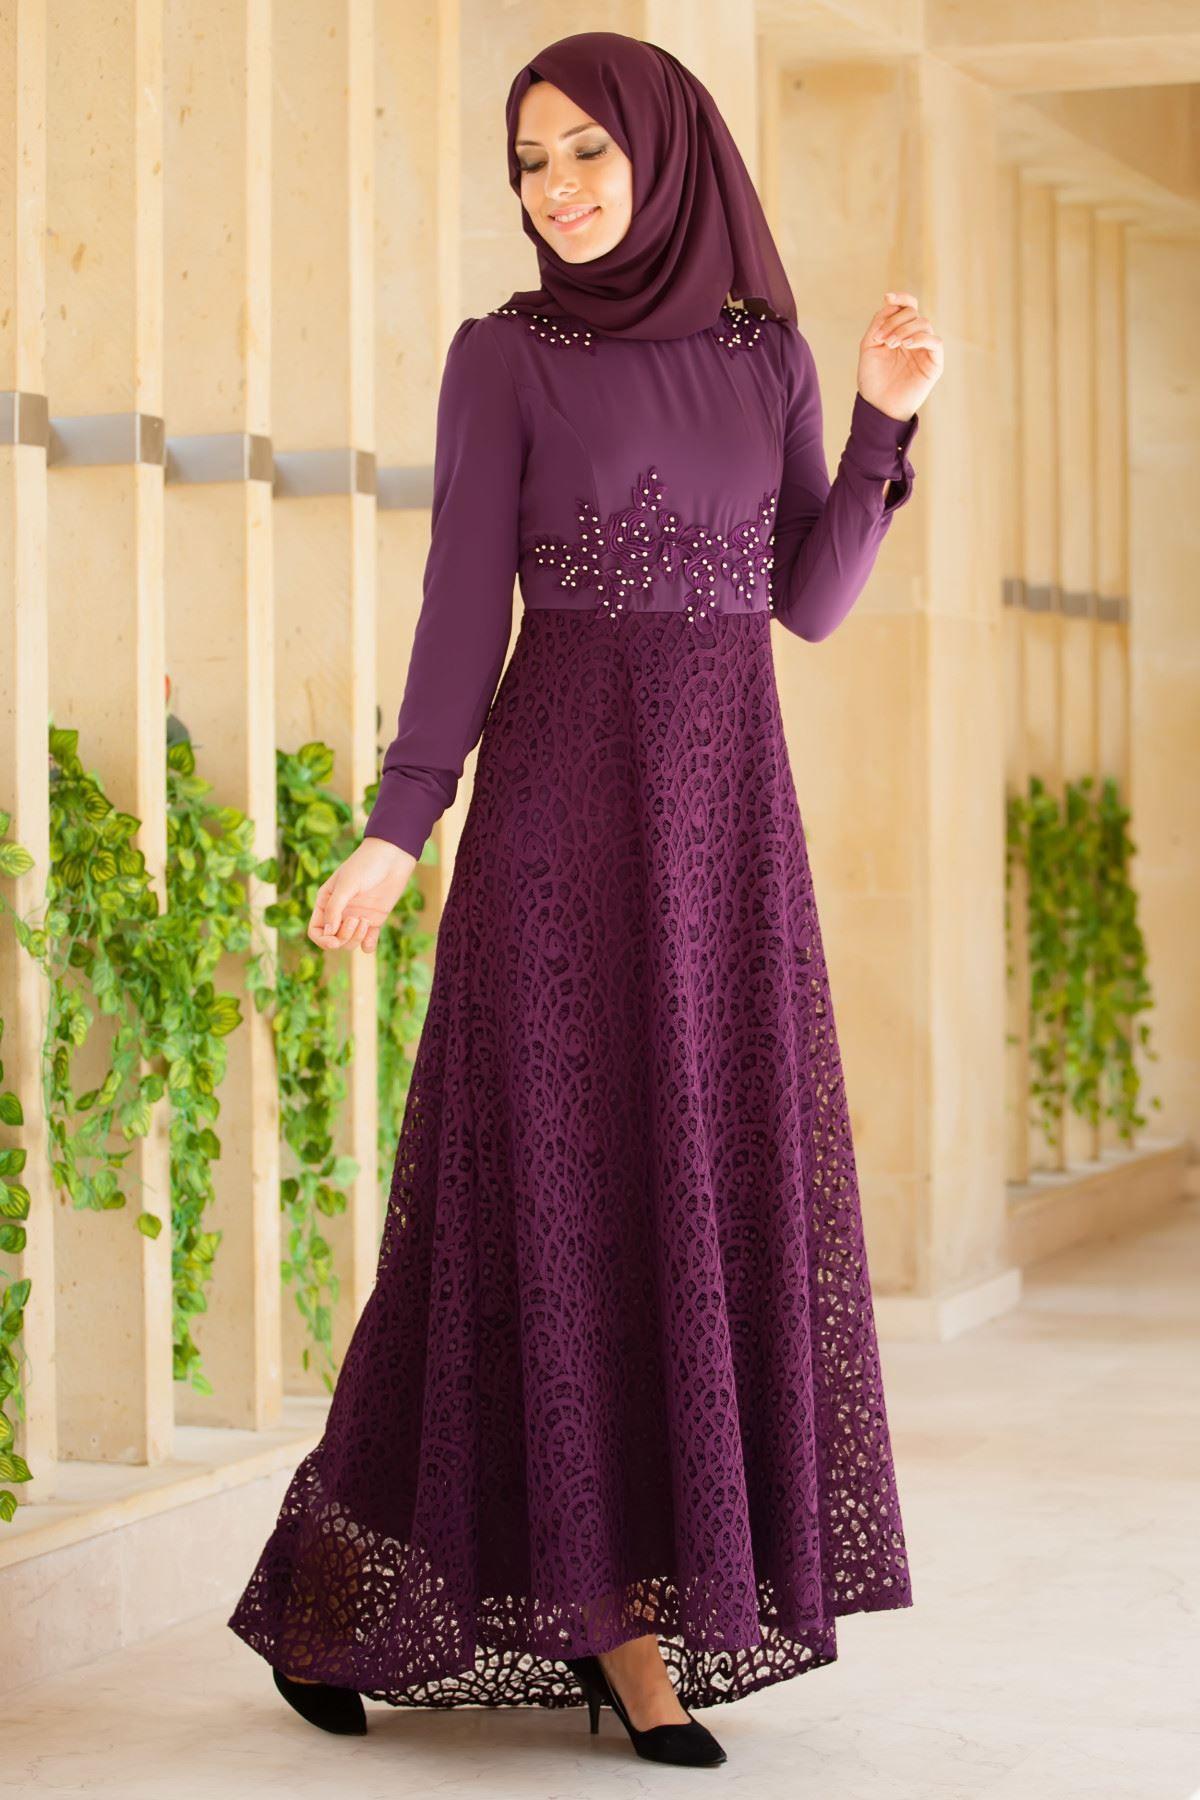 Https Www Tesetturelbisesi Com Patirti 1 Tl Kampanyasi Wanita Model Pakaian Muslim Gaya Berpakaian